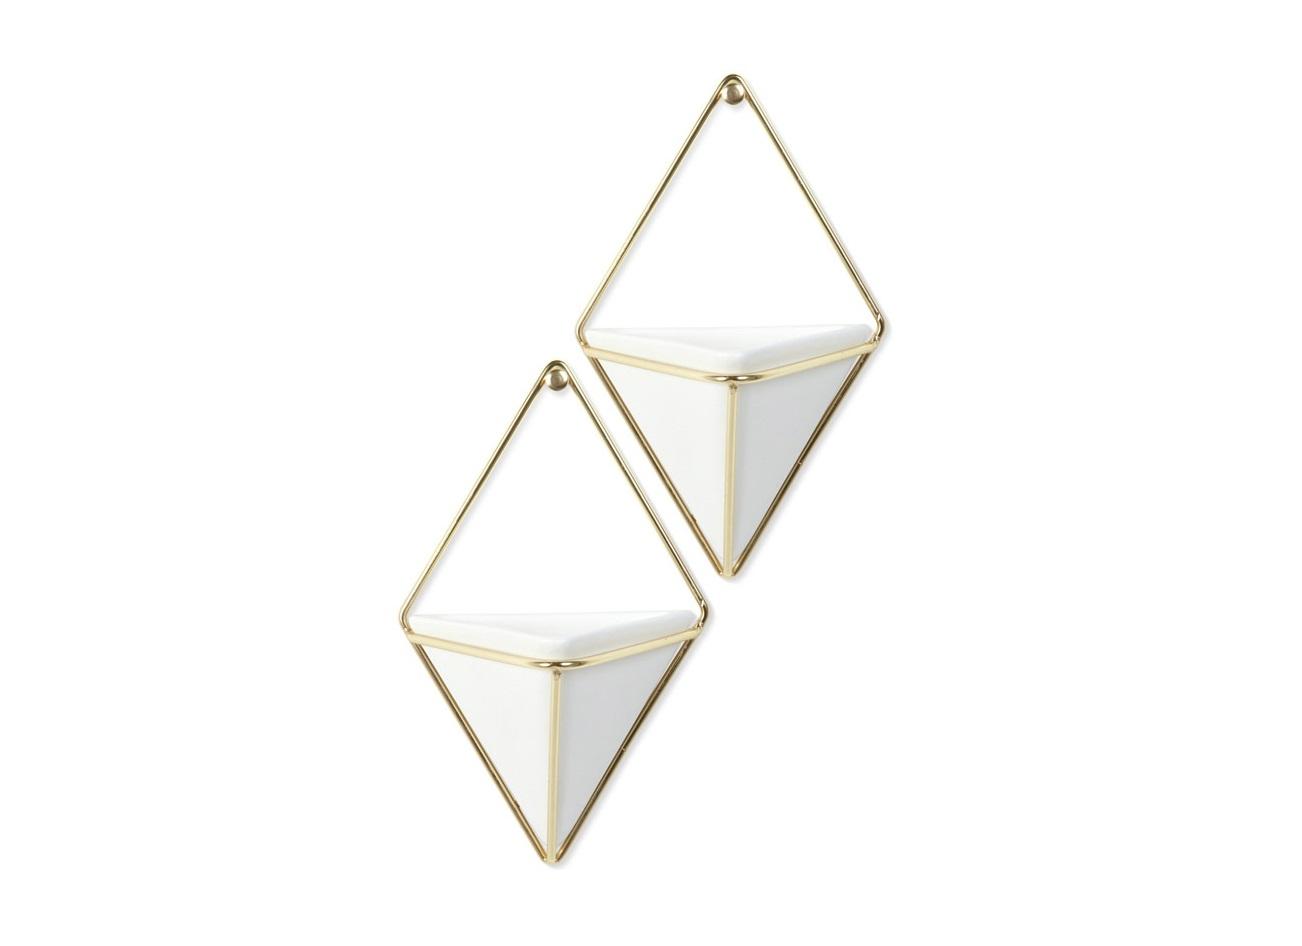 Декор для стен triggКашпо и аксессуары для цветов<br>Строгие геометрические формы не ограничивают воображение, а наоборот, вдохновляют на творчество и создание неповторимых интерьеров. Такой просто и такой эффектный декор сочетает в себе красоту и функциональность: в керамический треугольник можно поместить разные канцелярские мелочи, косметические принадлежности - можно даже использовать его как кашпо! <br>Он вешается на любой гвоздик или вешалку и отлично сочетается с другими декорами, картинами и постерами. <br>В комплекте 2 штуки.<br><br>Material: Металл<br>Width см: 11,7<br>Depth см: 7<br>Height см: 18,4